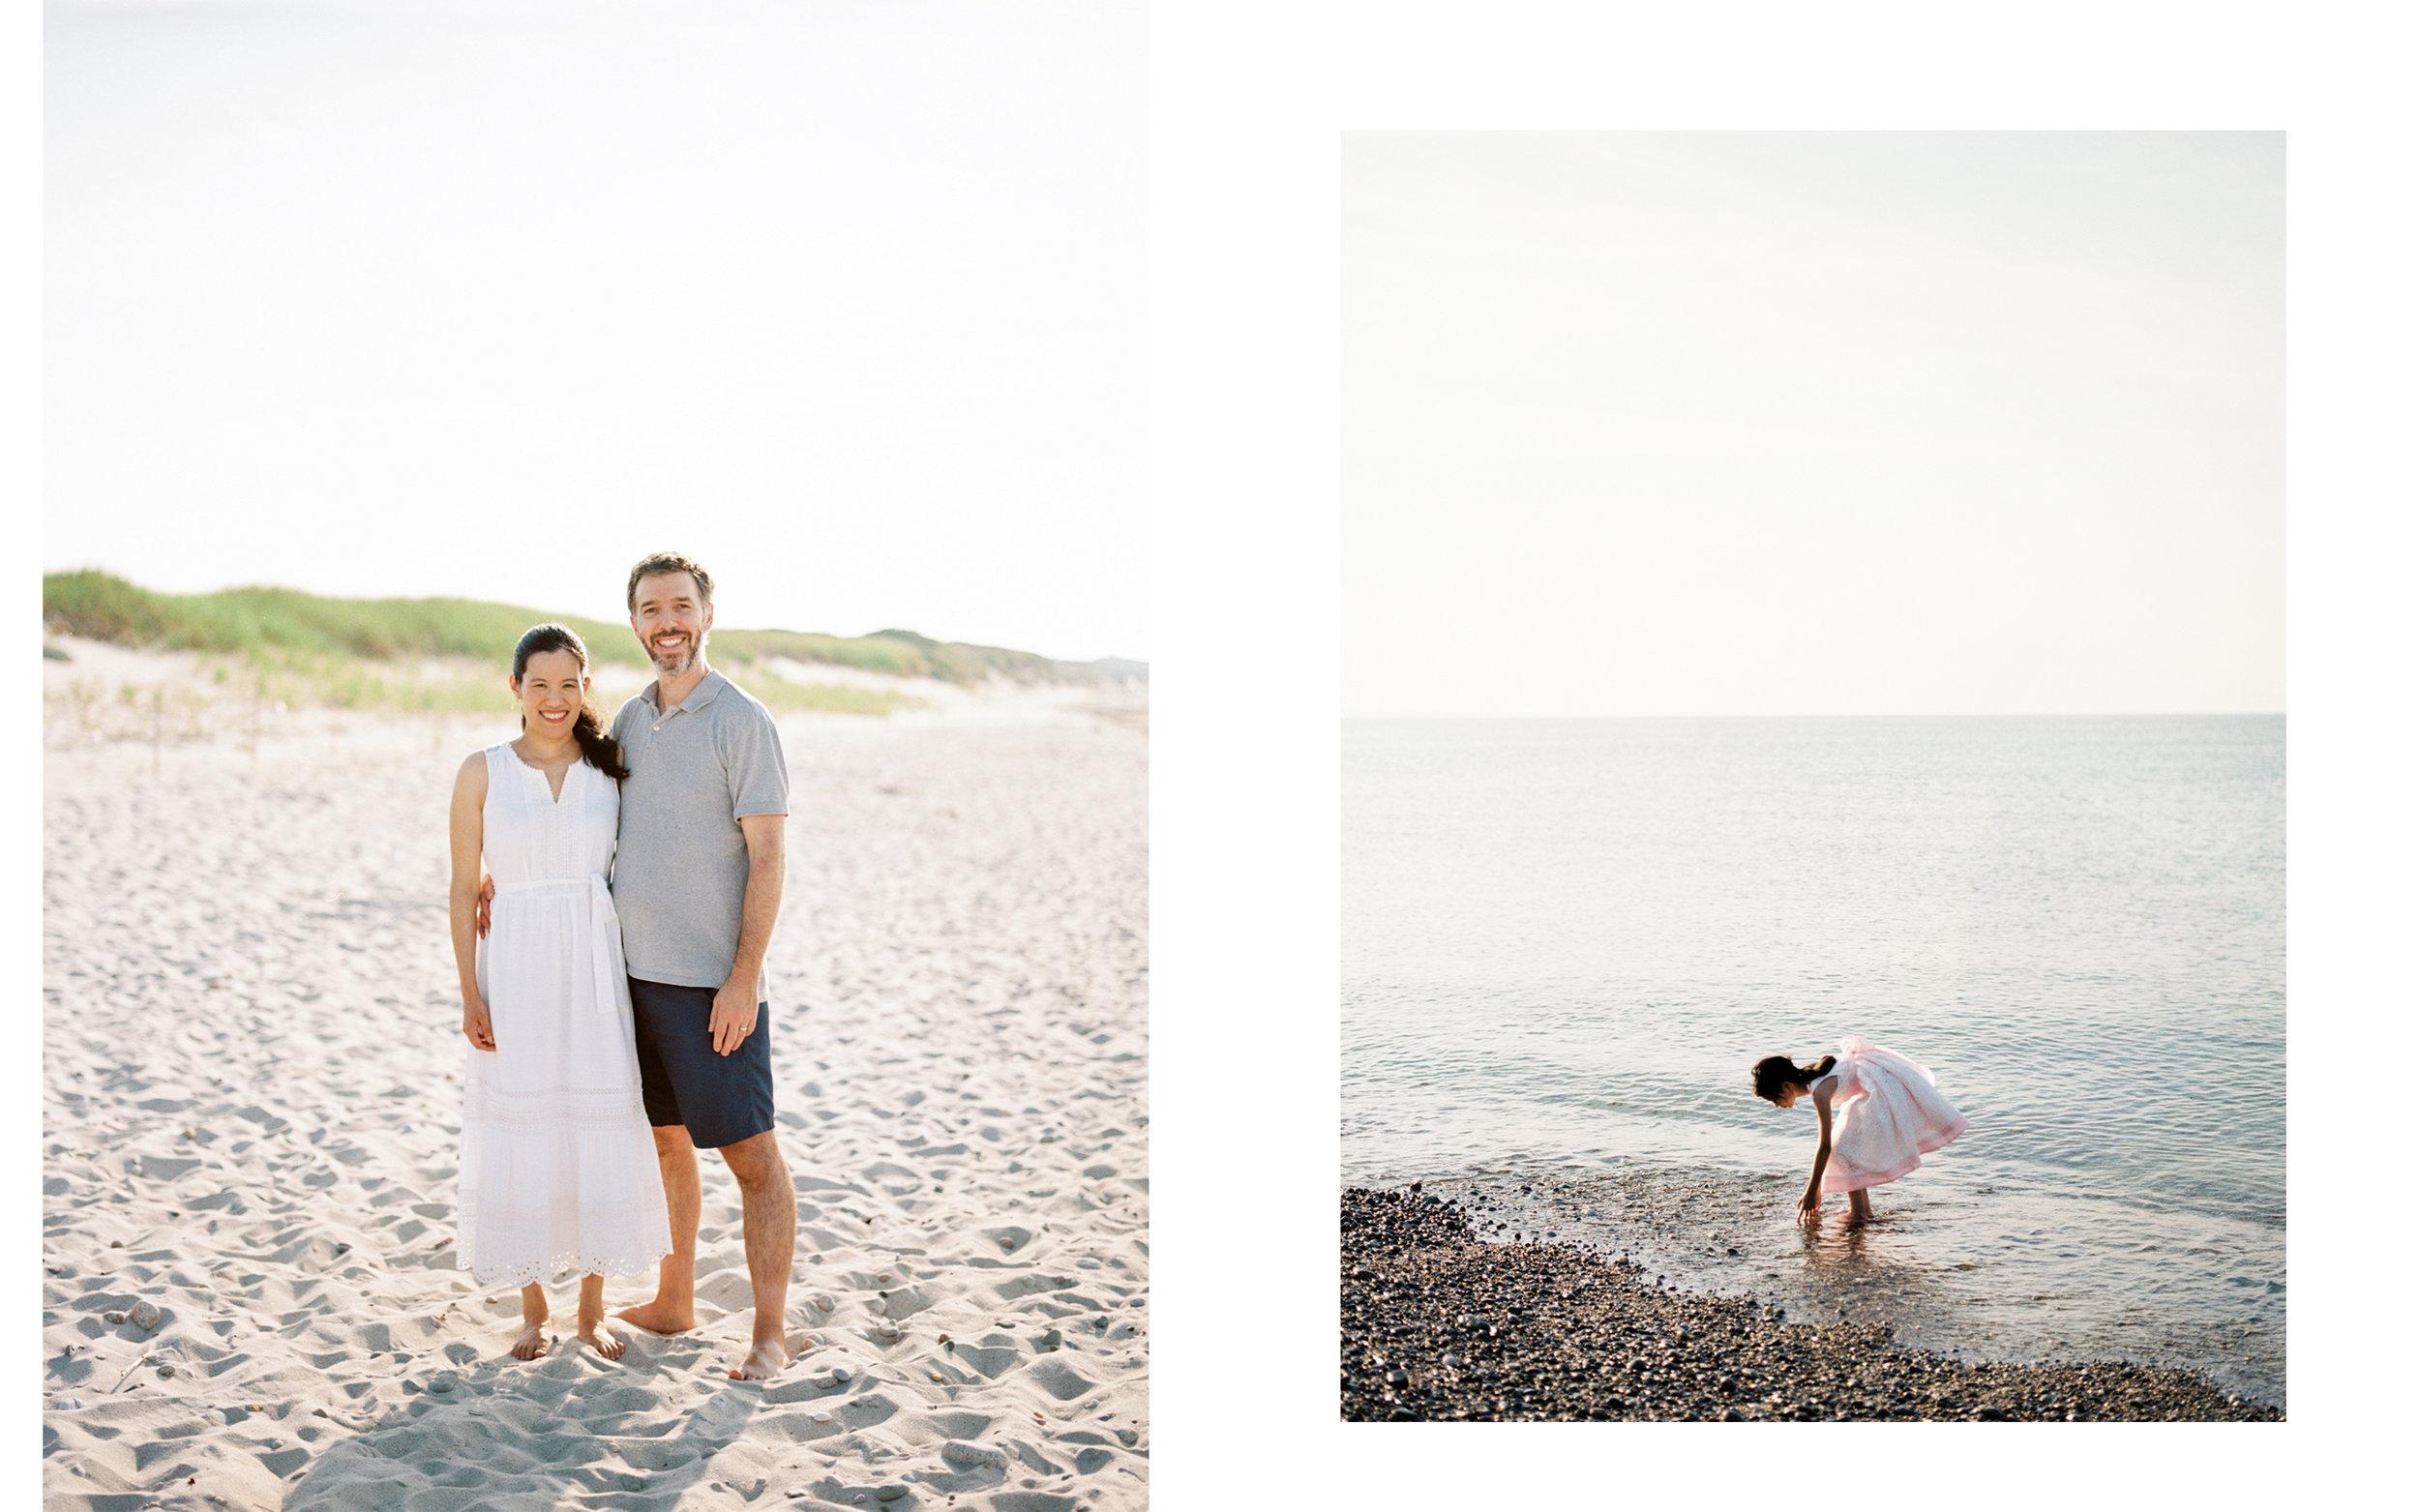 Cape Cod Fine Art Family Photographer_Meg Haley Photographs_004.jpg